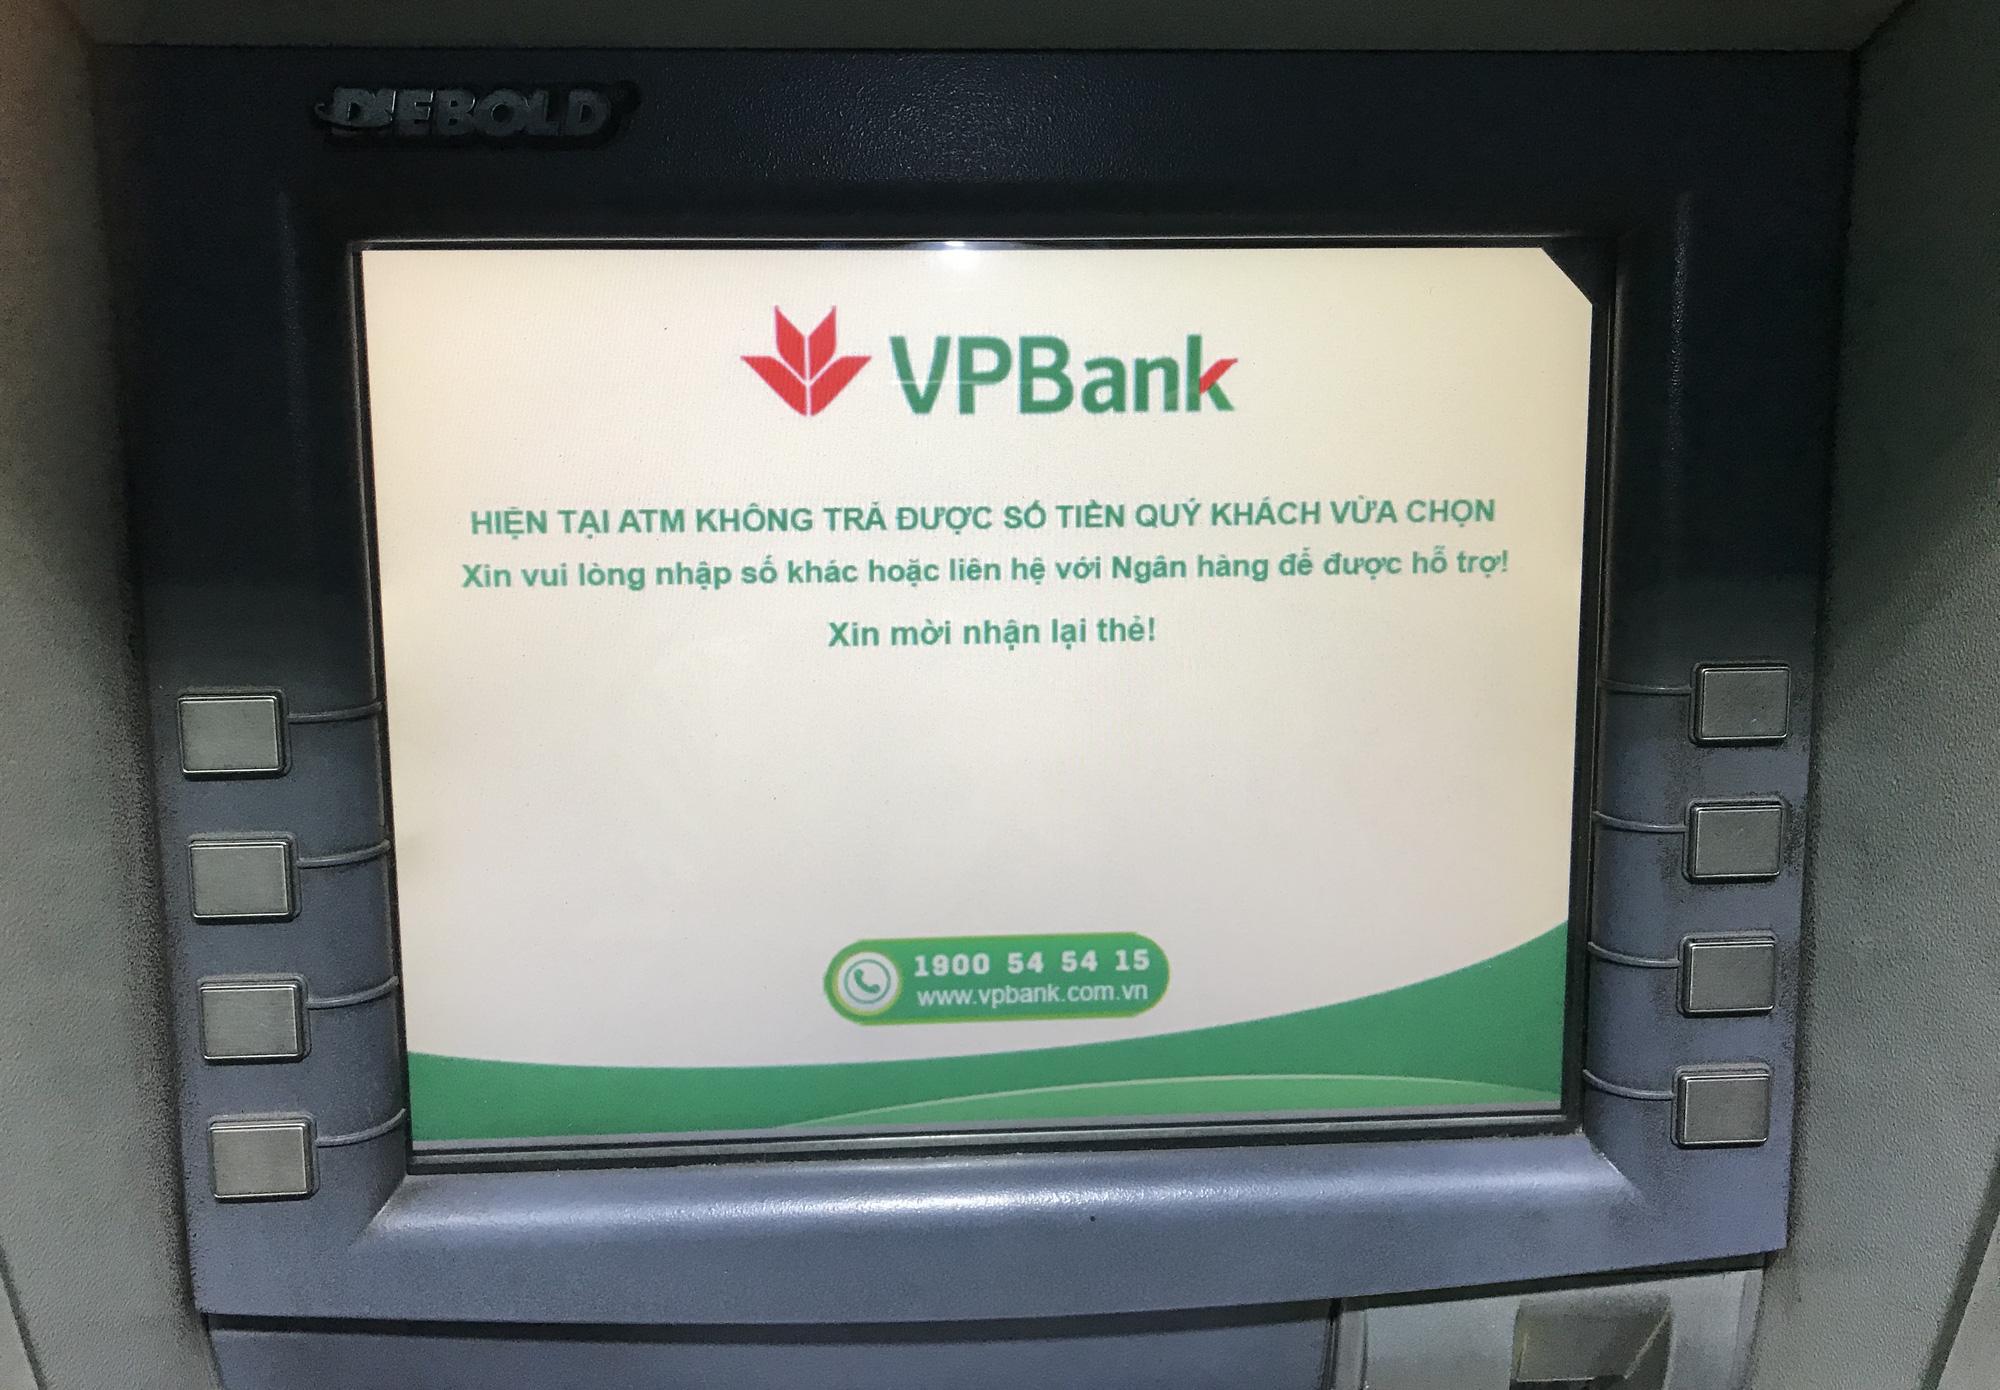 ATM đồng loạt hết tiền nghỉ Tết, Ngân hàng Nhà nước ra công điện khẩn 28 Tết - Ảnh 3.